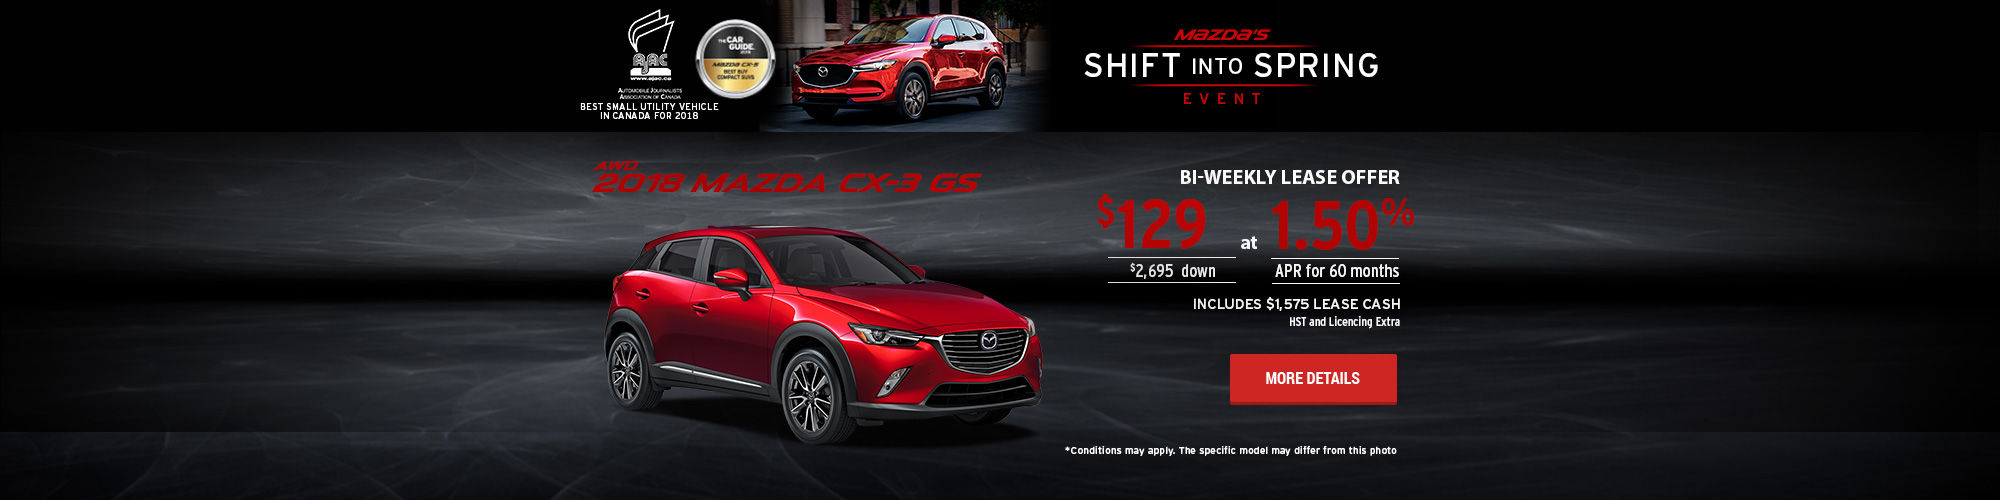 Mazda's Shift Into Spring Event - CX-3